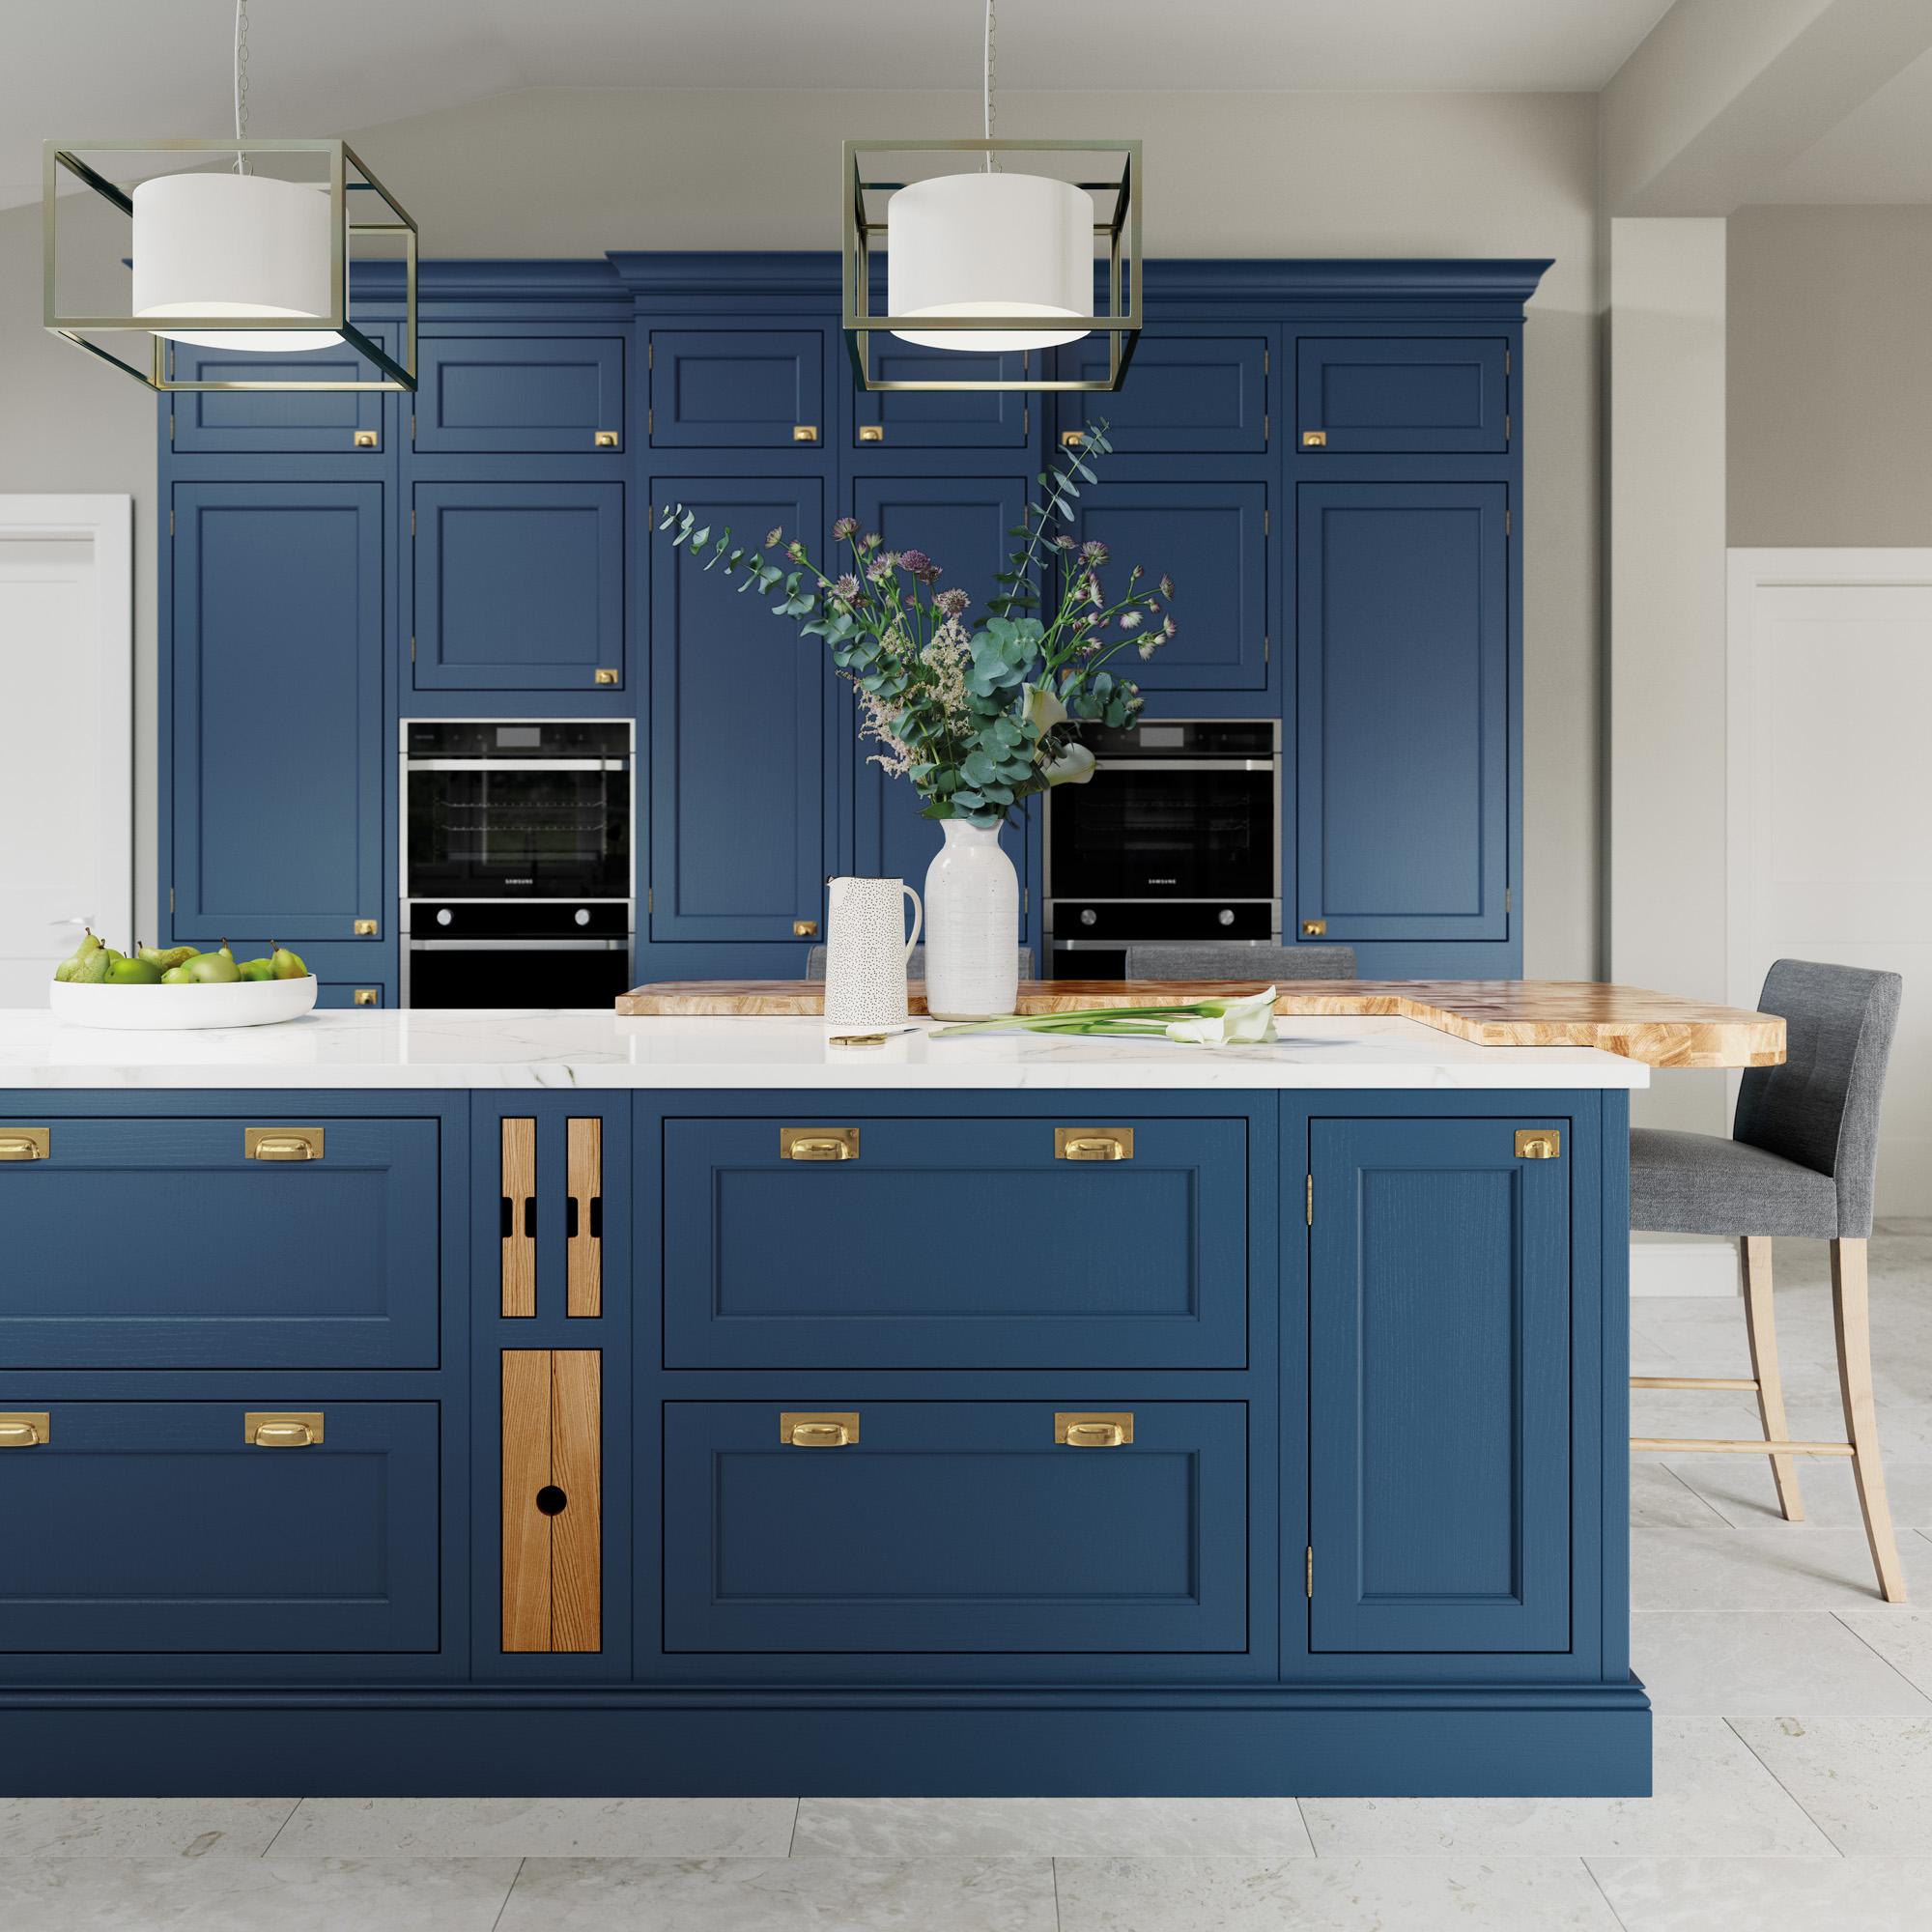 Belgravia Parisian Blue and Stone_Cameo 4.jpg